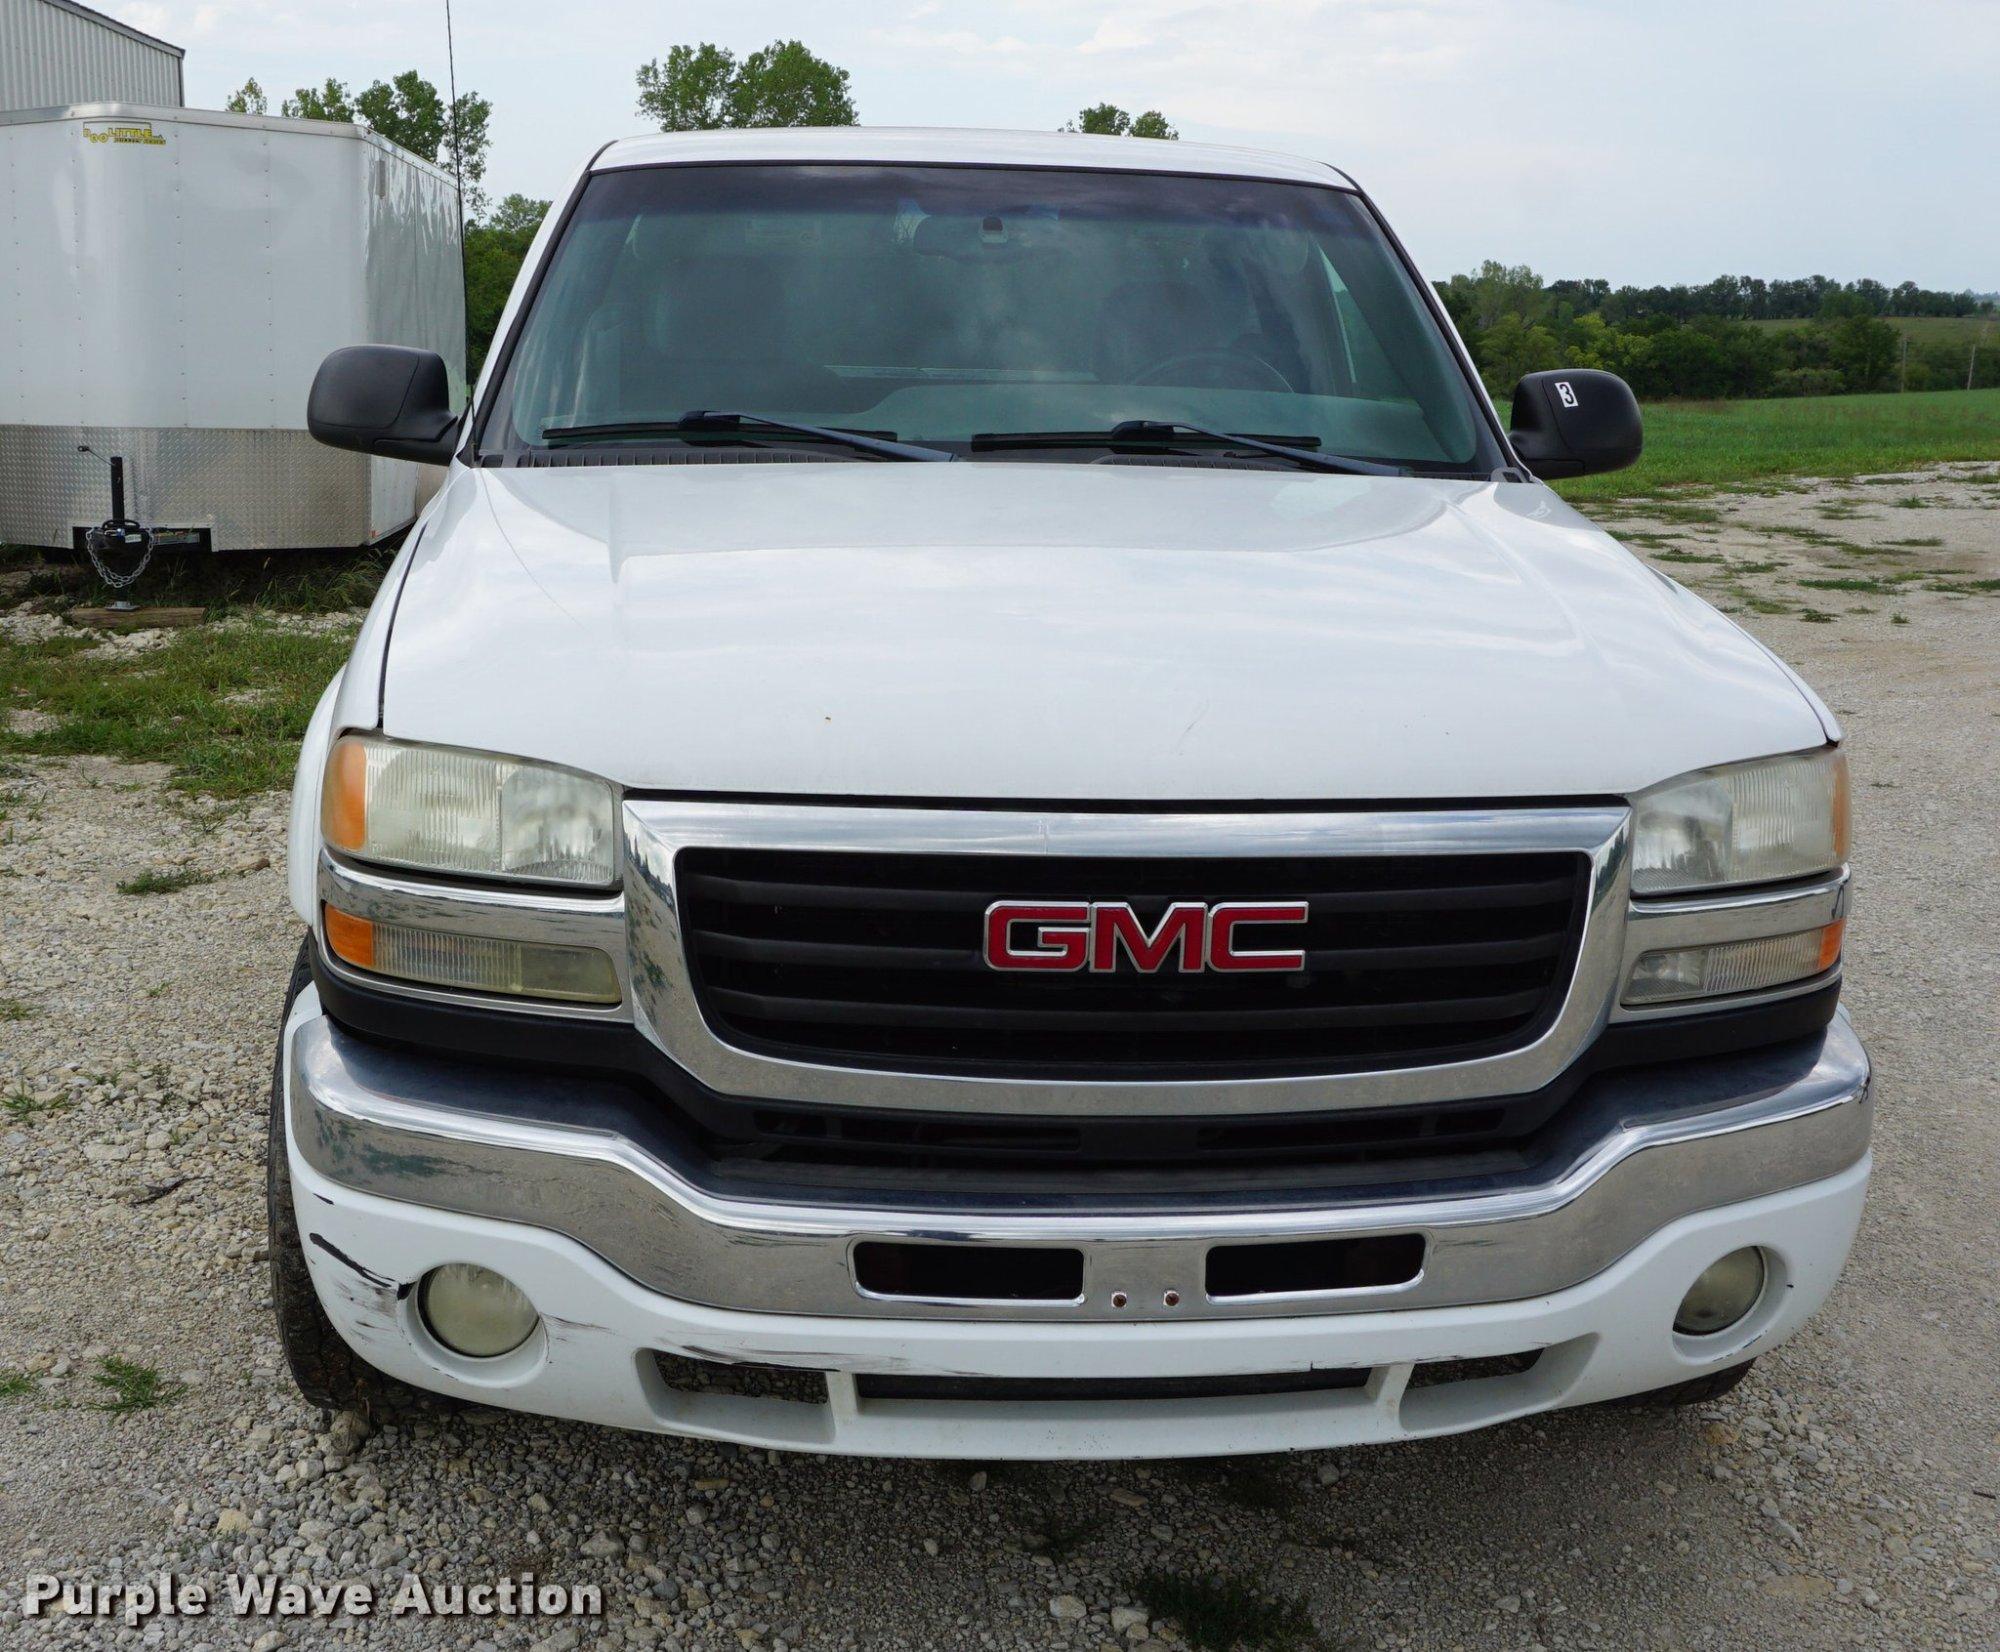 hight resolution of  2004 gmc sierra 2500hd pickup truck full size in new window